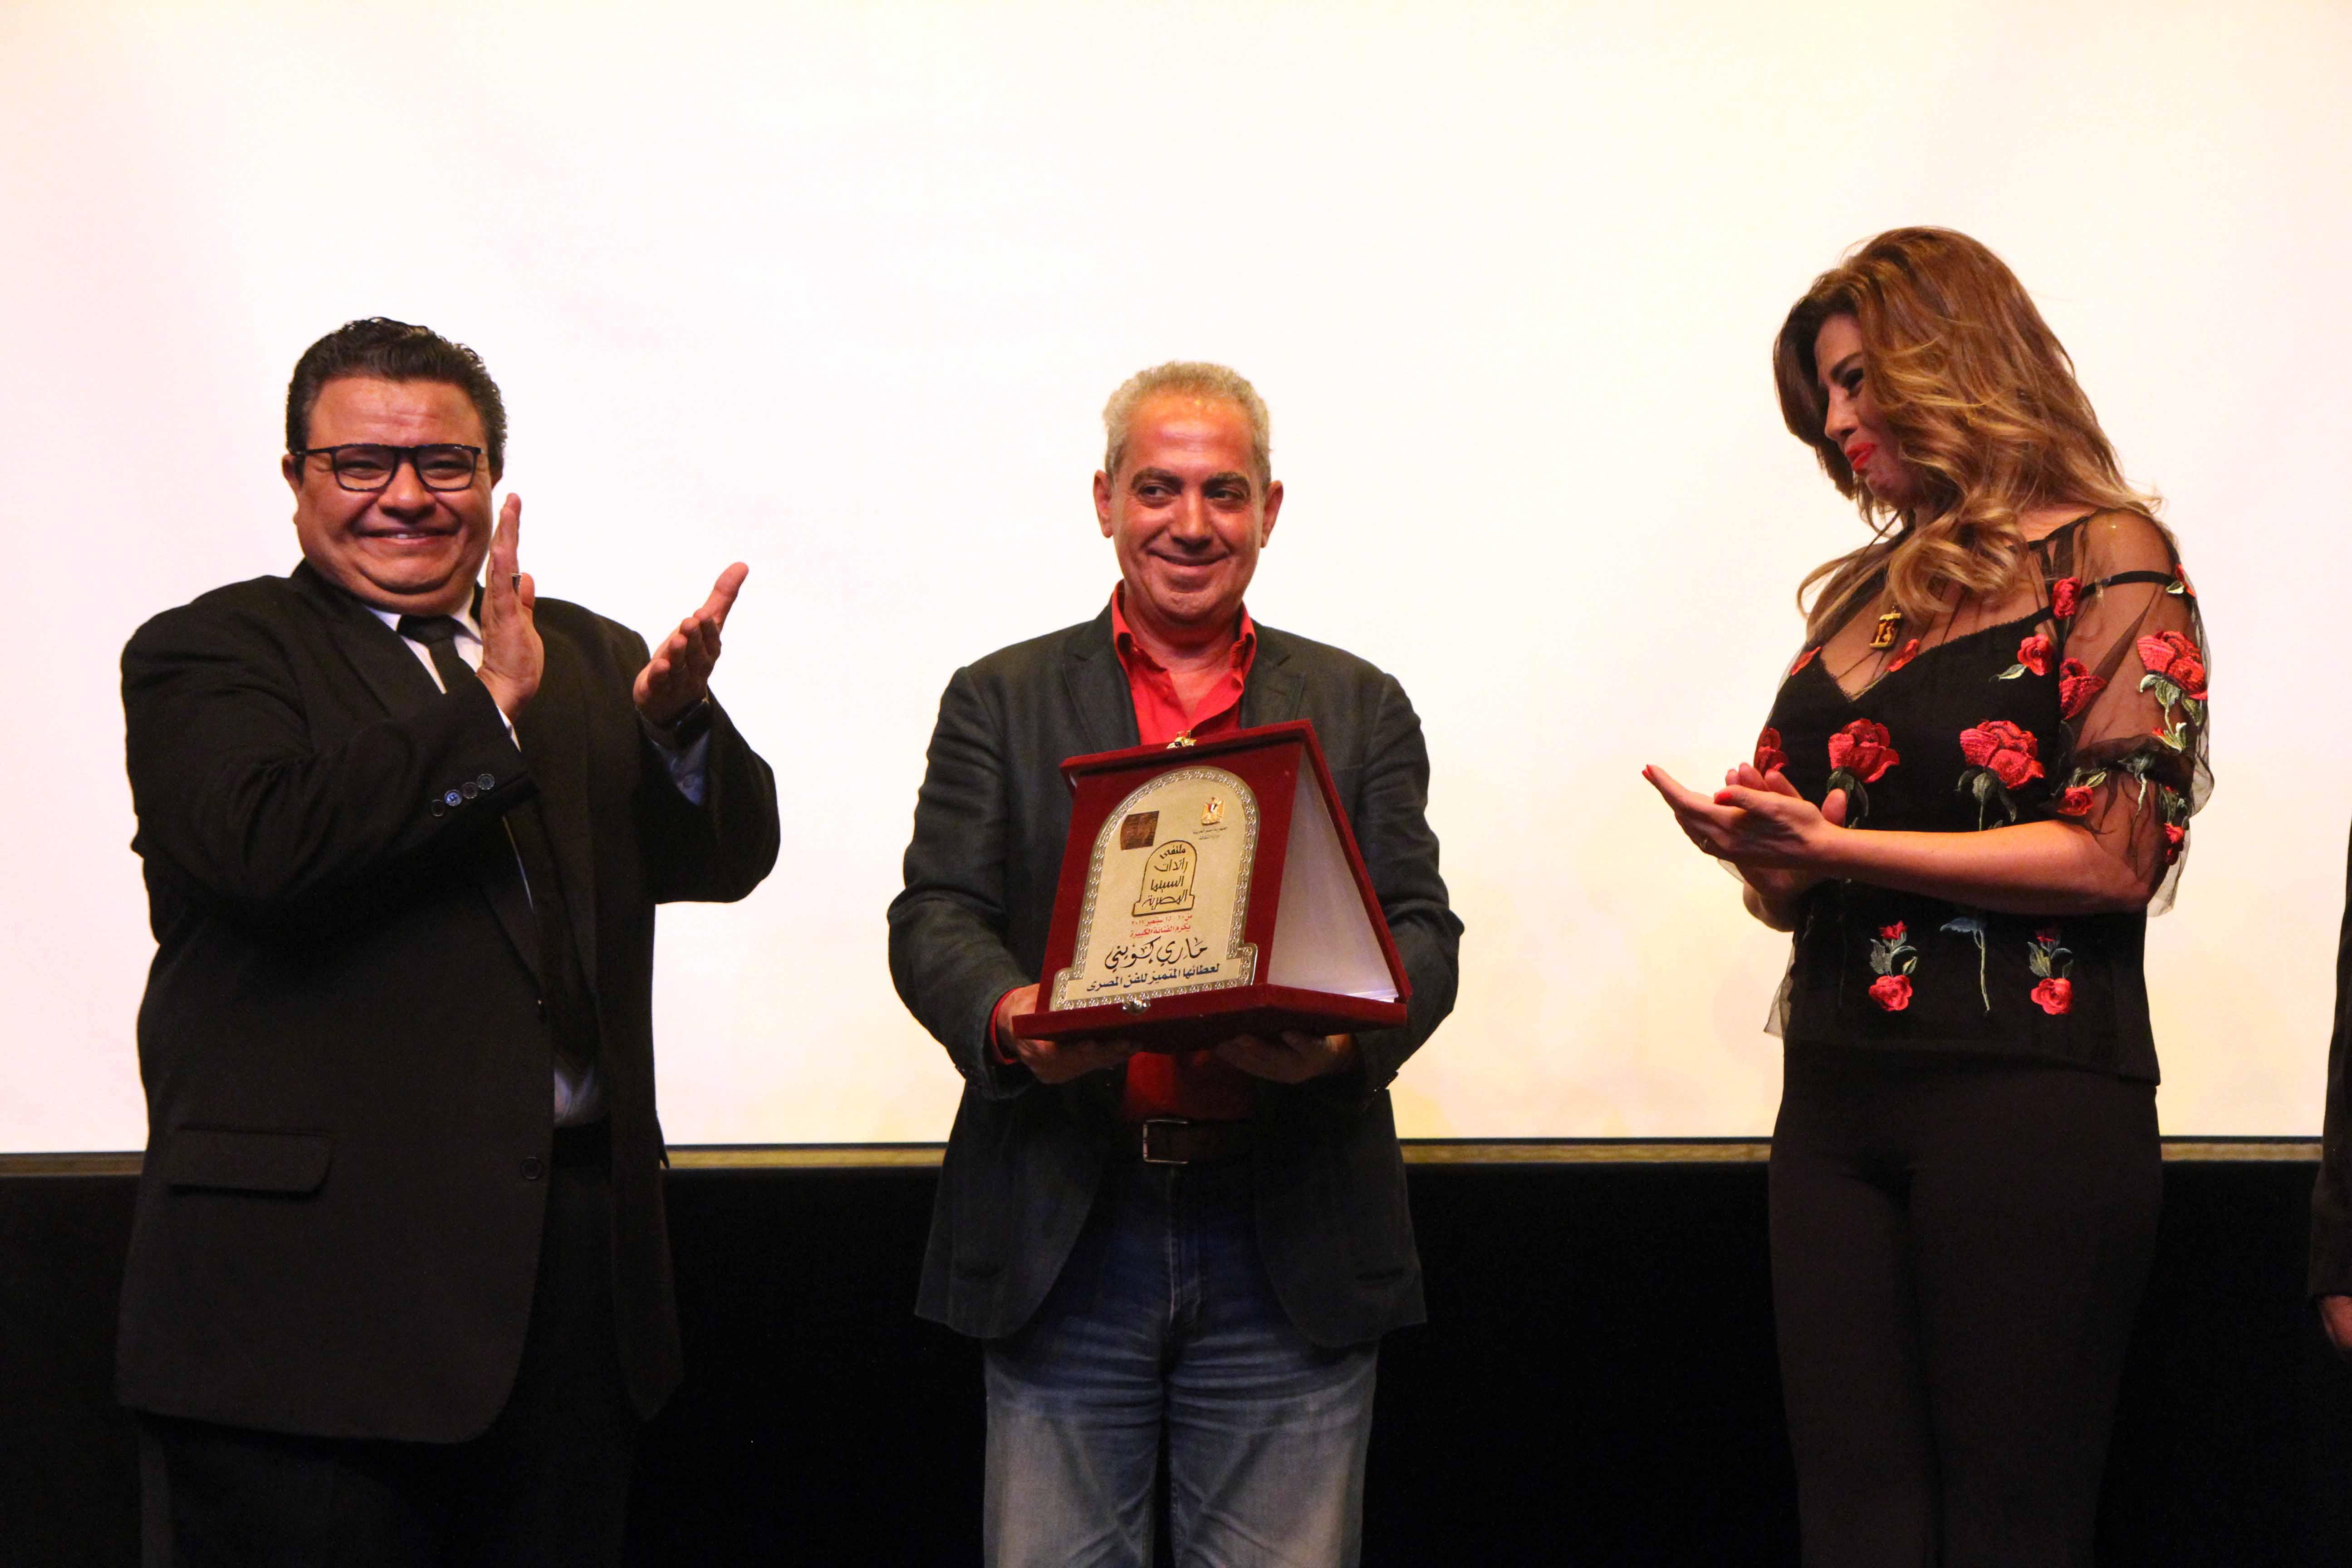 الامير اباظة رئيس مهرجان الاسكندرية يتسلم درع الفنانة ماري كويني